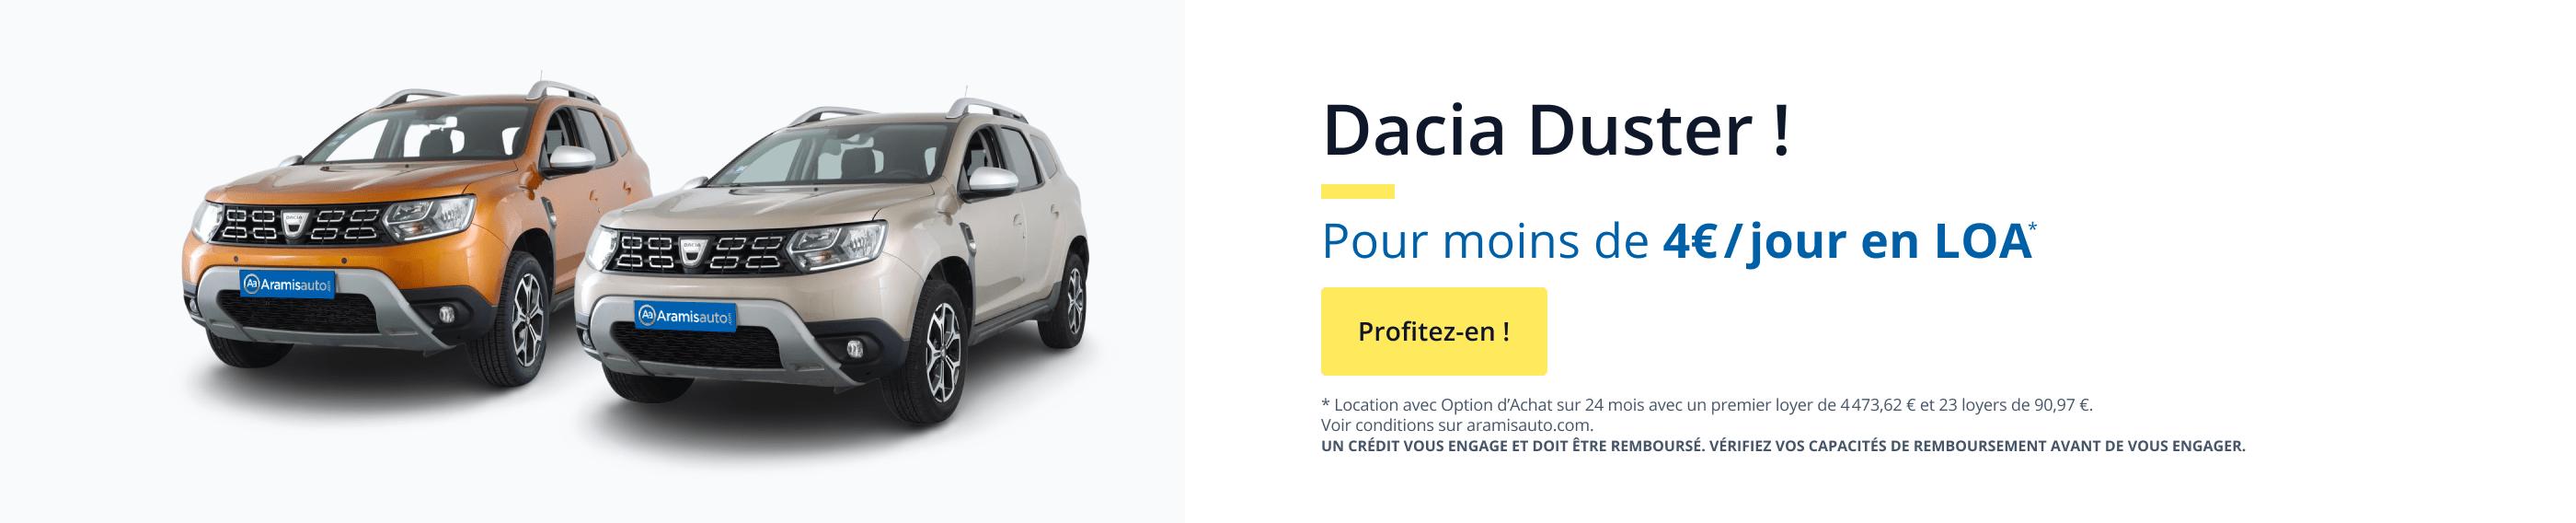 Votre Dacia Duster Nouveau en LOA à moins de 4€ par jour.